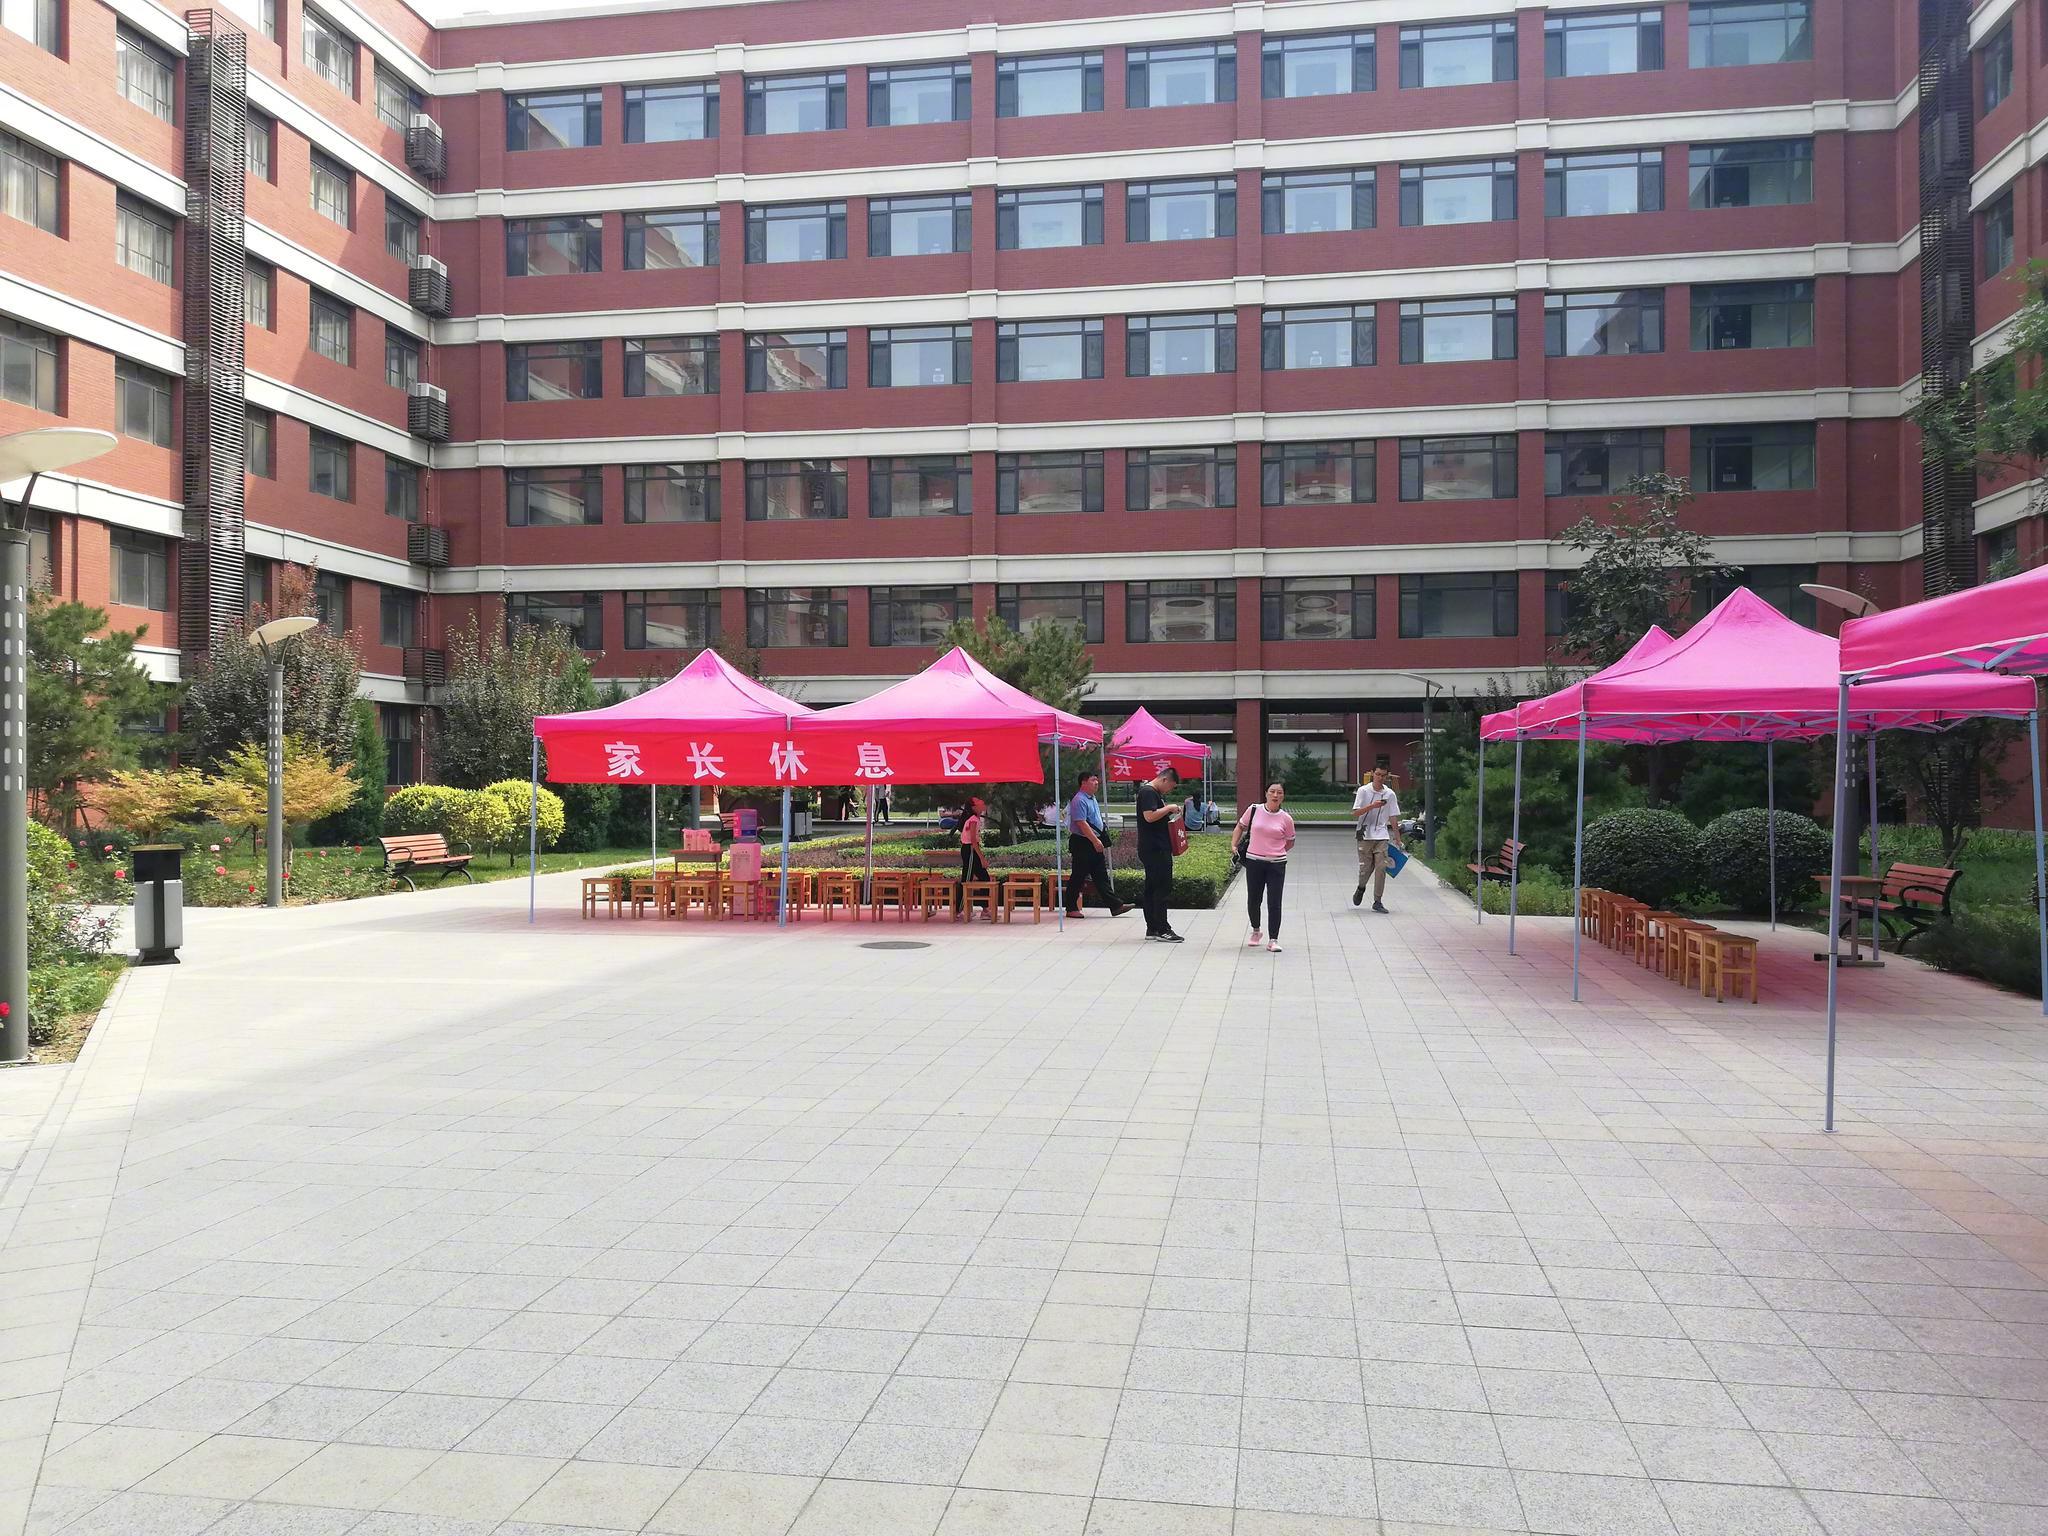 今日中国矿业大学(北京)新生开始报到了图源@张东伟_Host